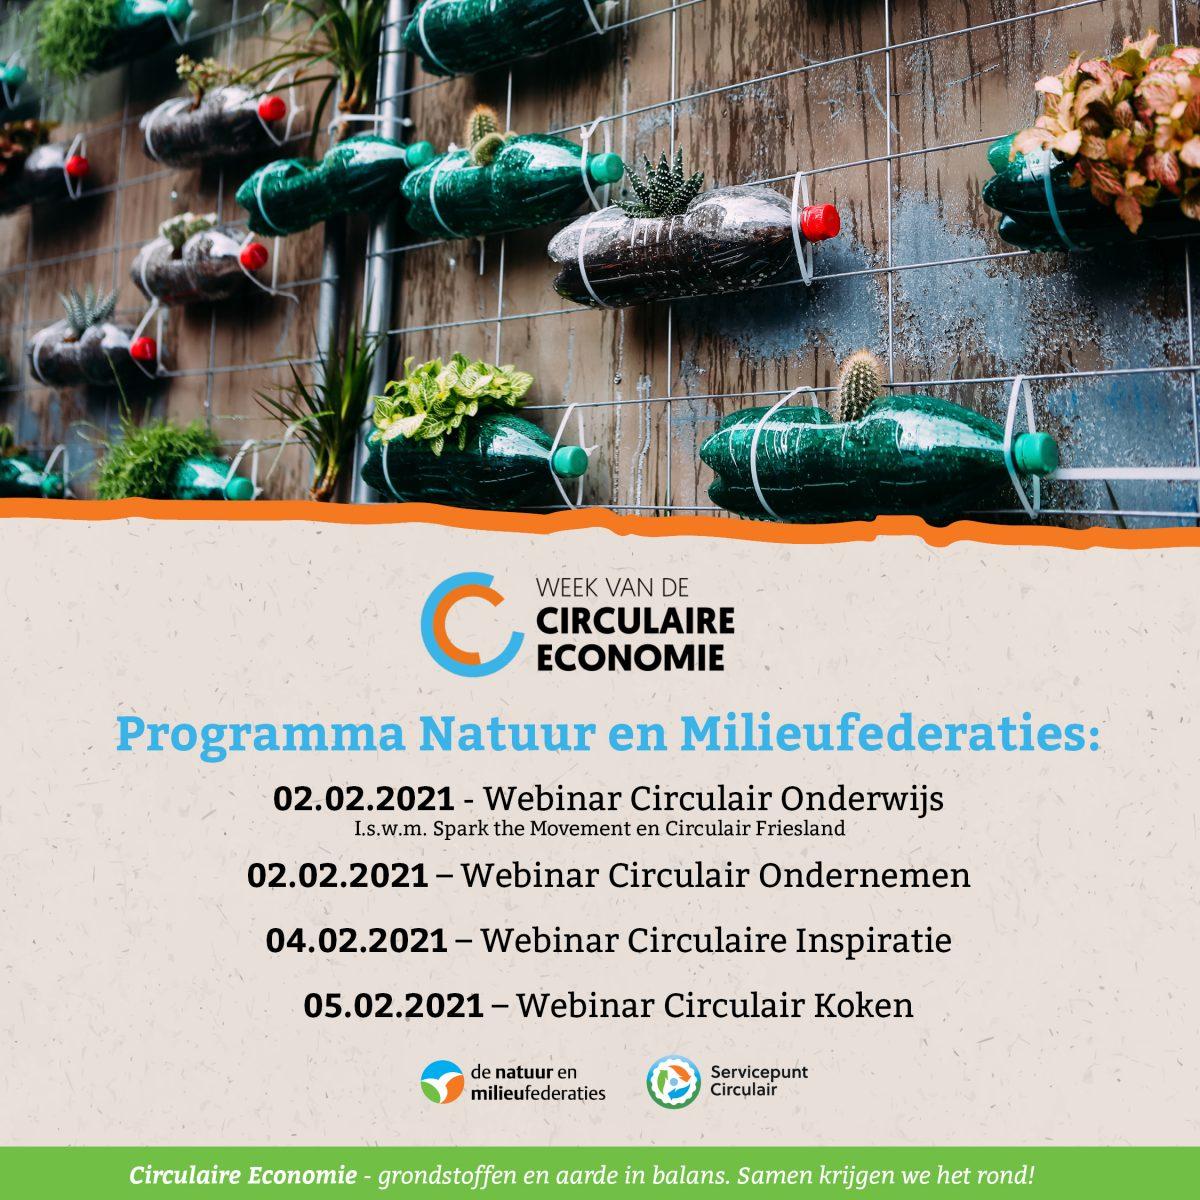 Programma Natuur en Milieufederaties tijdens de week van de circulaire economie